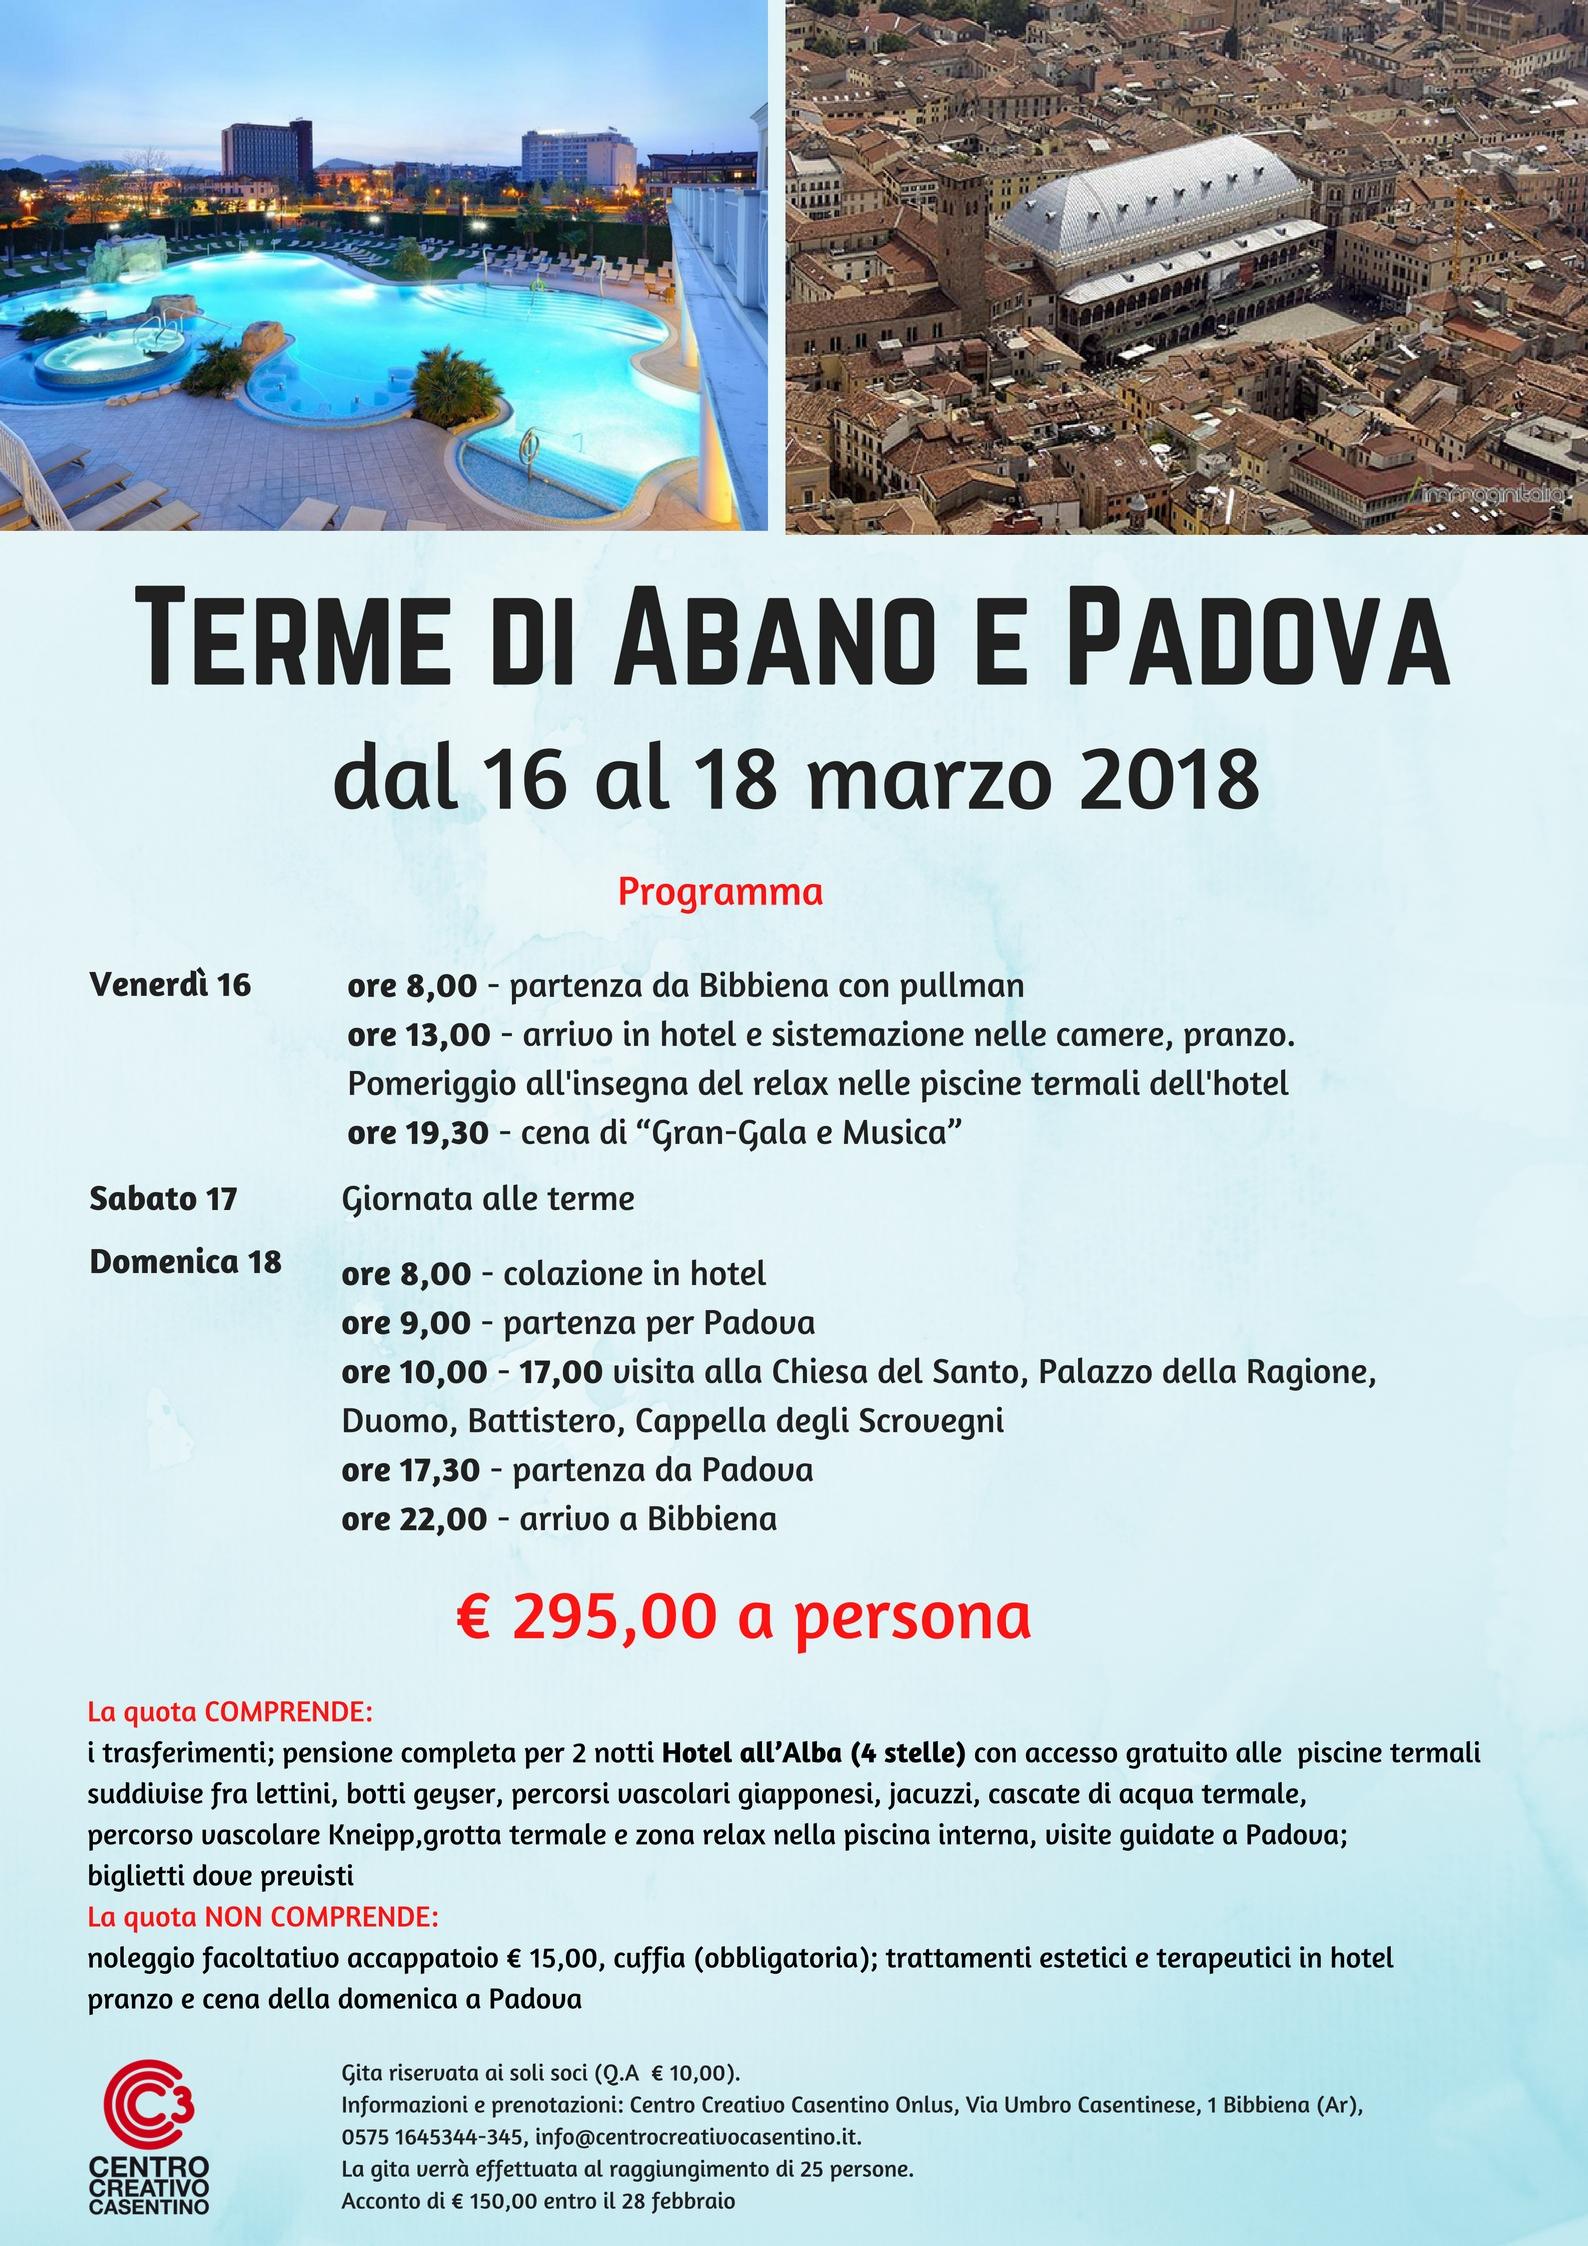 Calendario Manifestazioni Abano Terme.Gita Abano Terme E Padova Centro Creativo Casentino Onlus